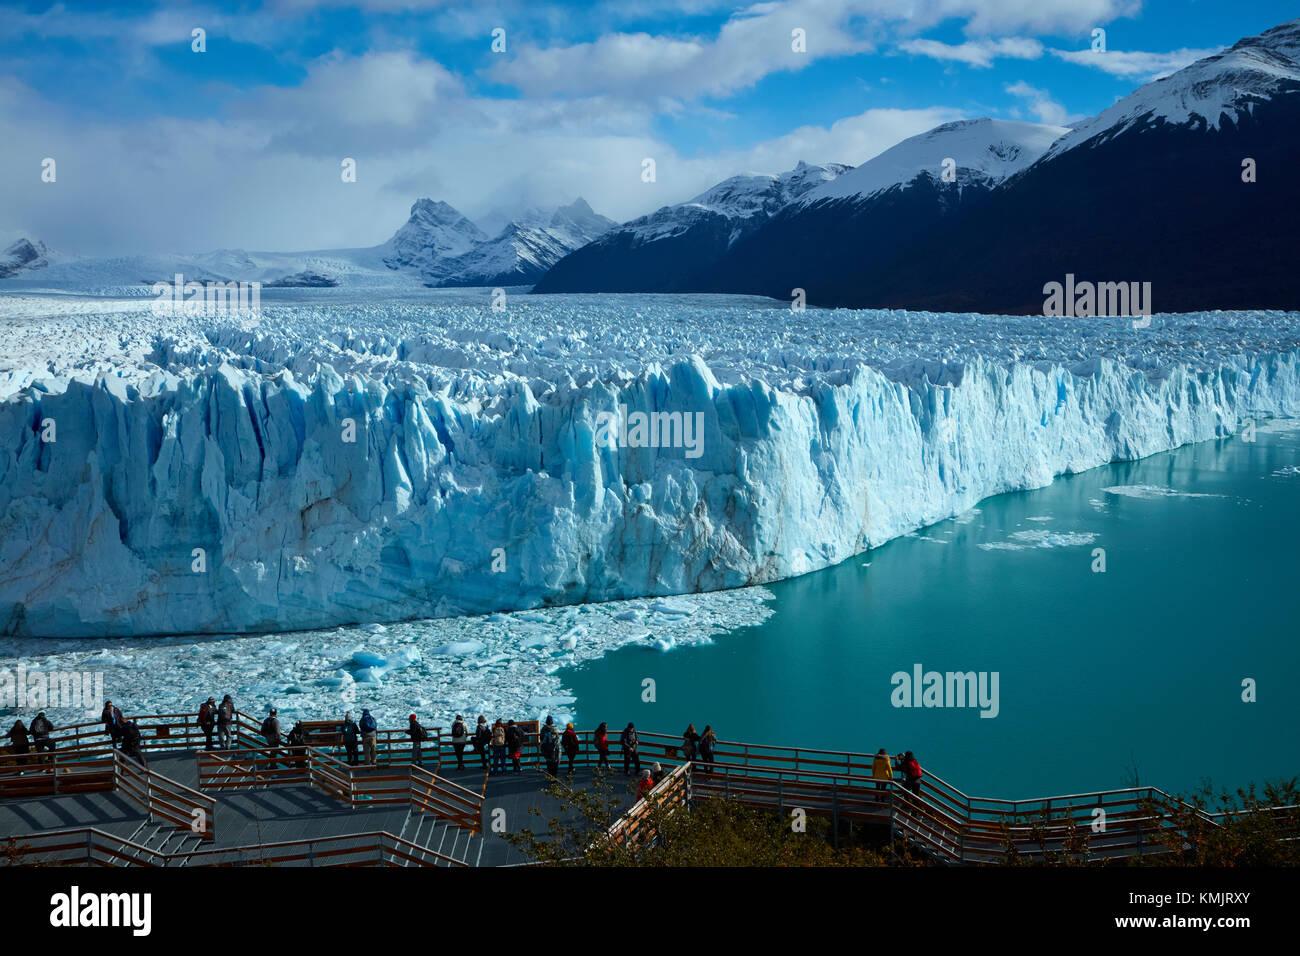 I turisti sul marciapiede e il ghiacciaio Perito Moreno, Parque Nacional Los Glaciares (area del patrimonio mondiale), Patagonia, Argentina, Sud America Foto Stock